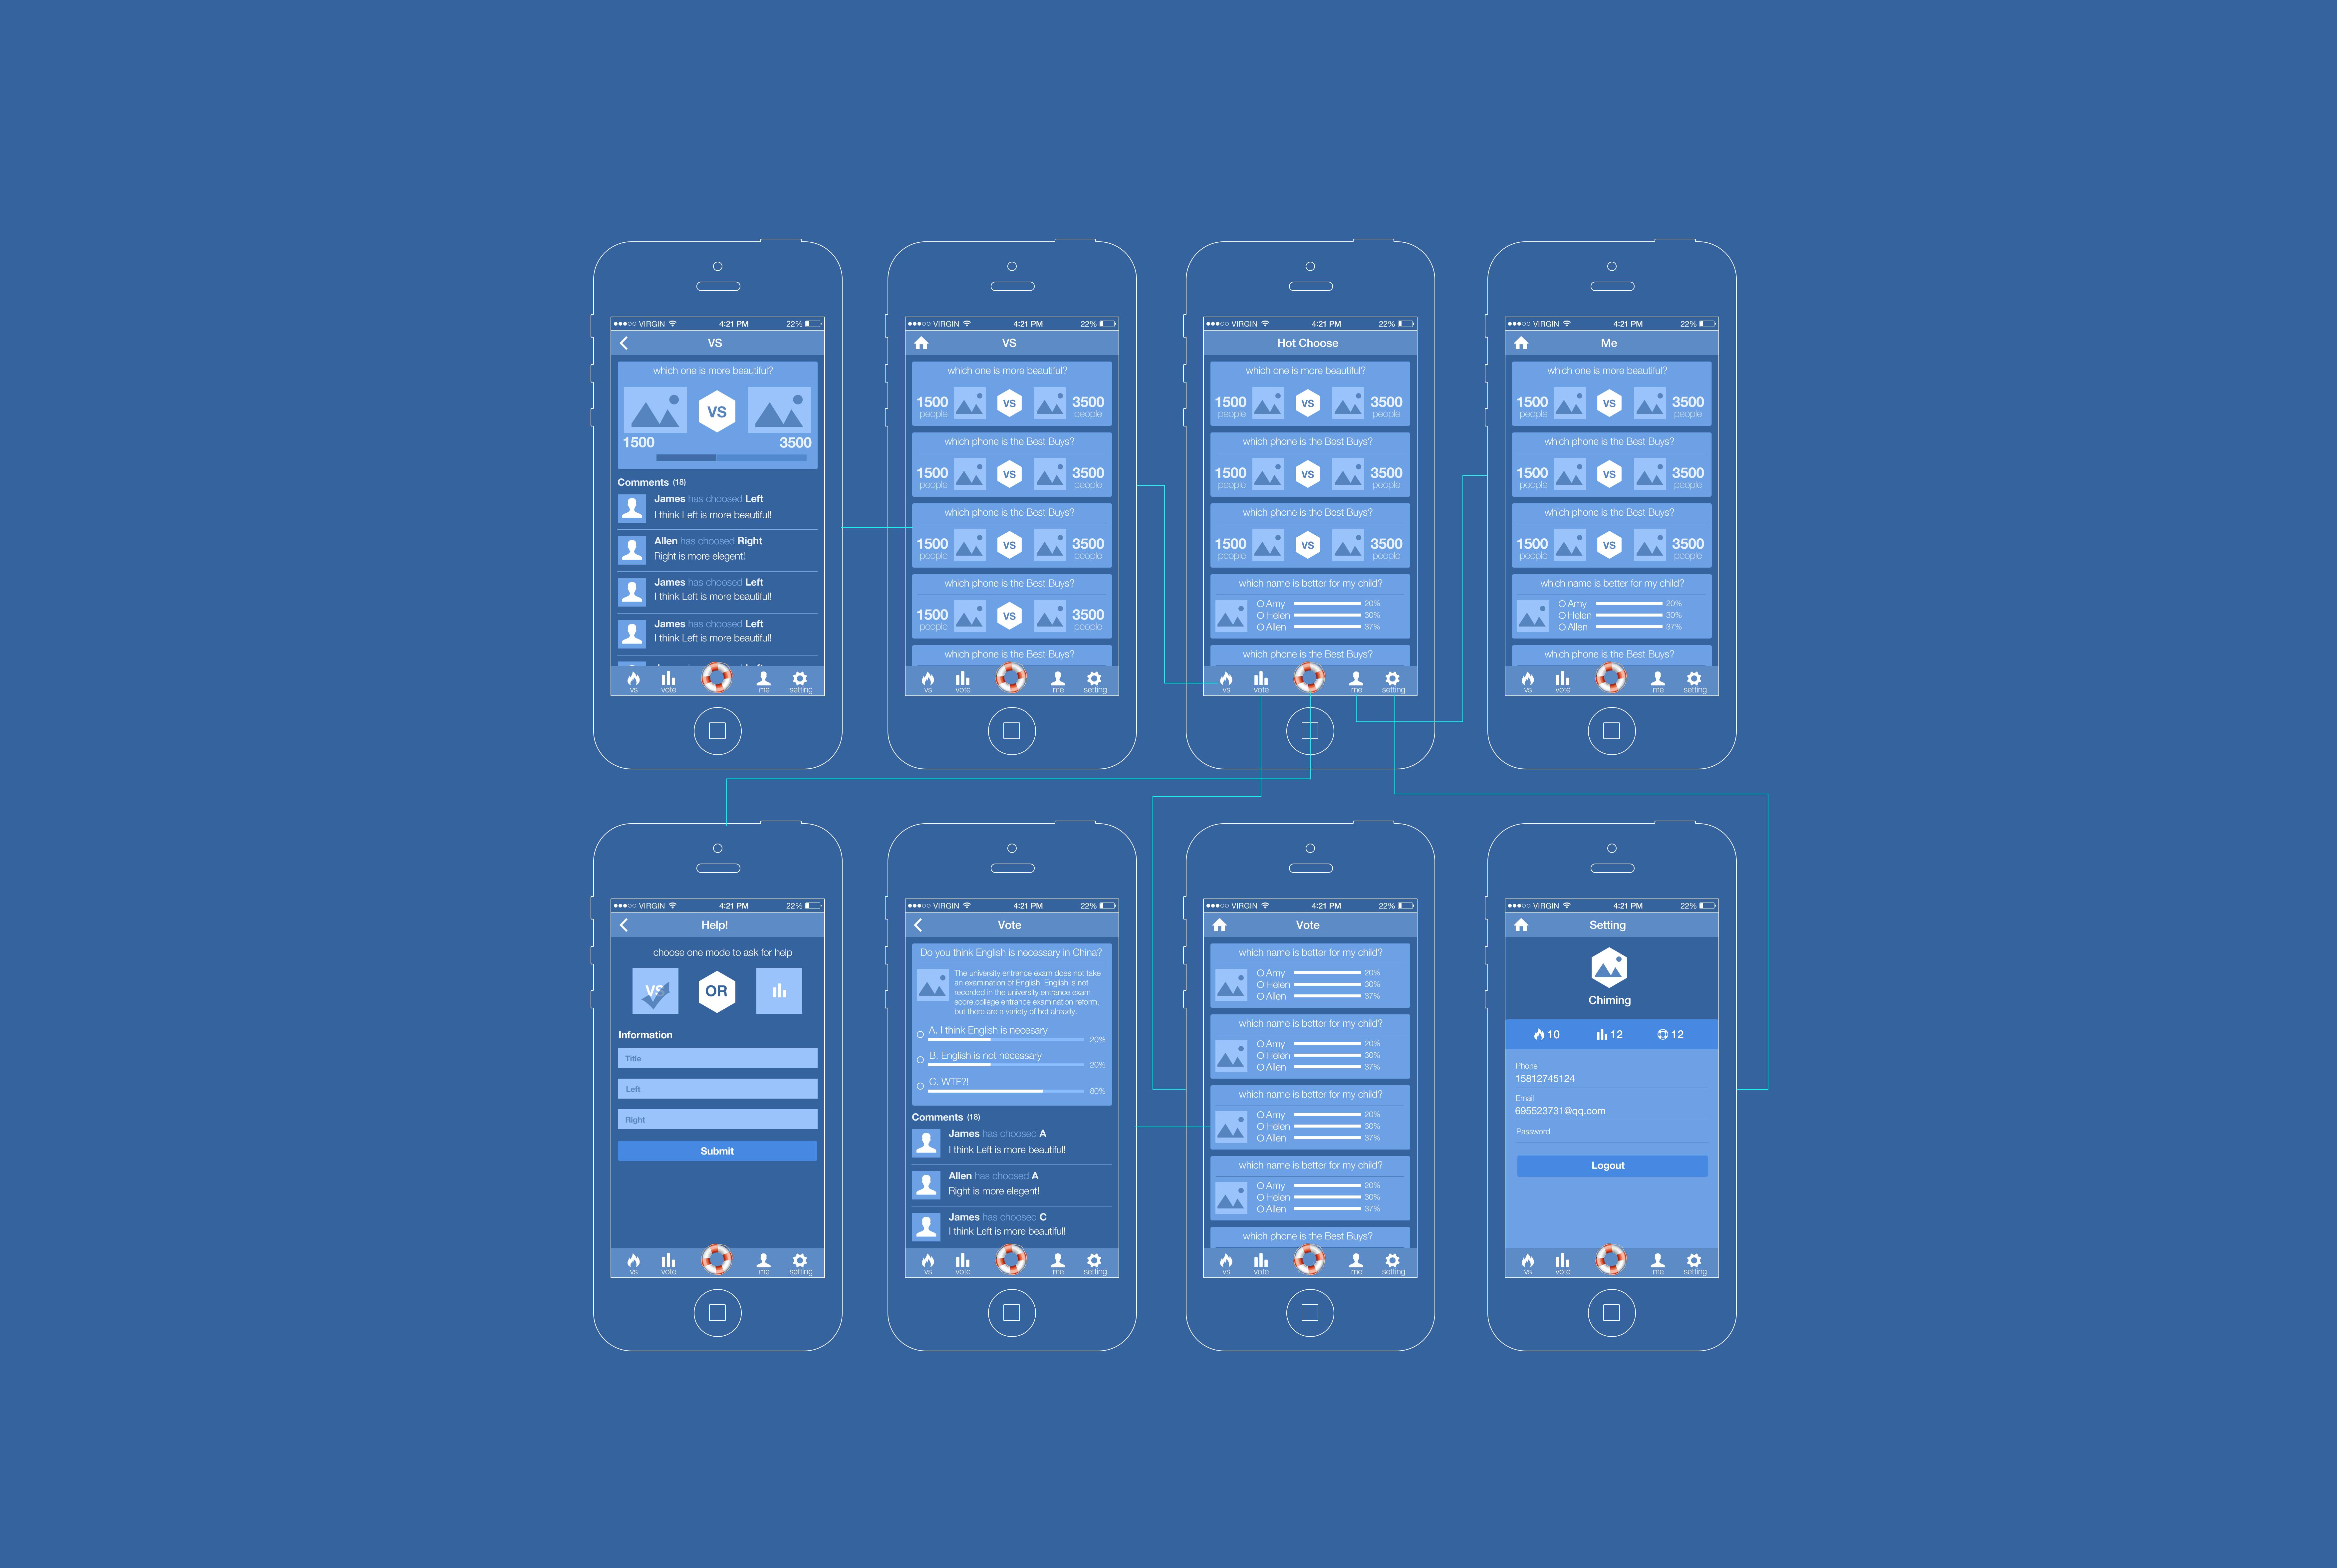 哪款app能阅读其它应用上的文字呢?